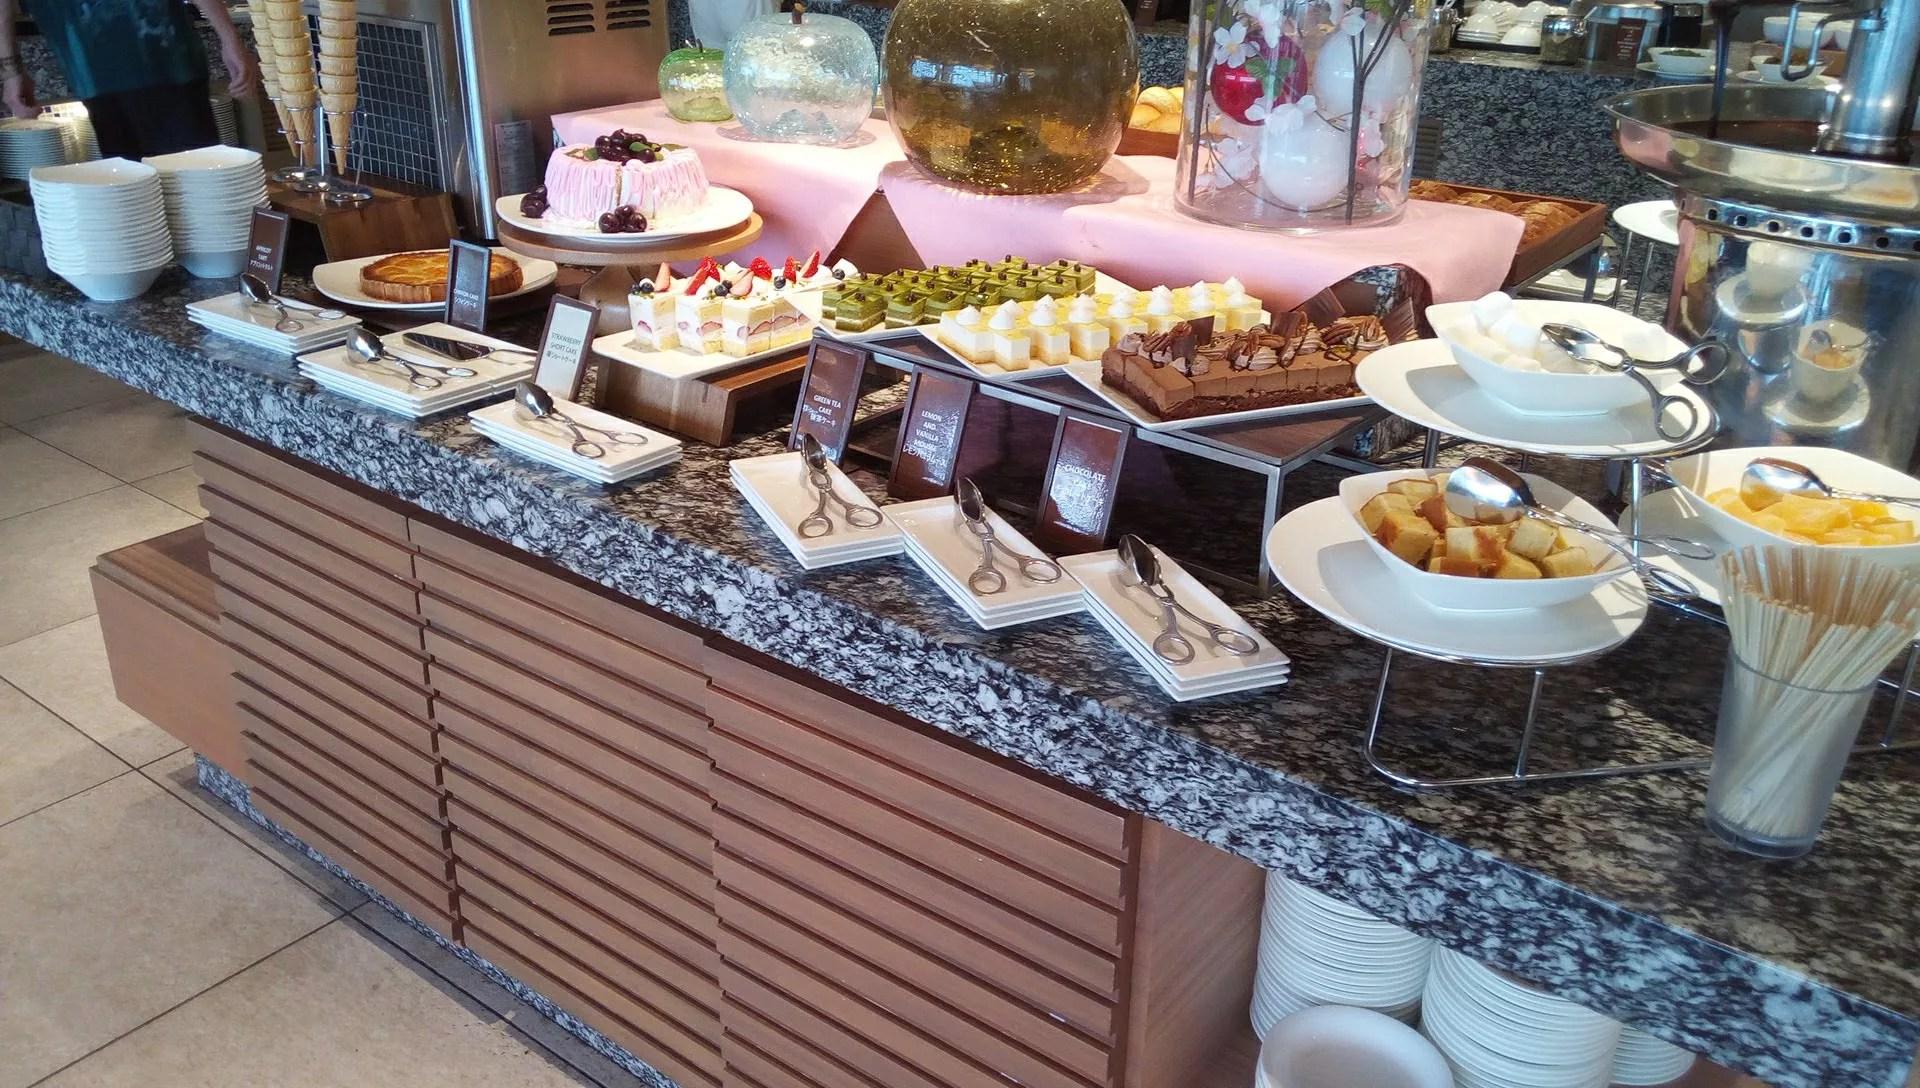 SURIYUNでの食べ放題のケーキ類